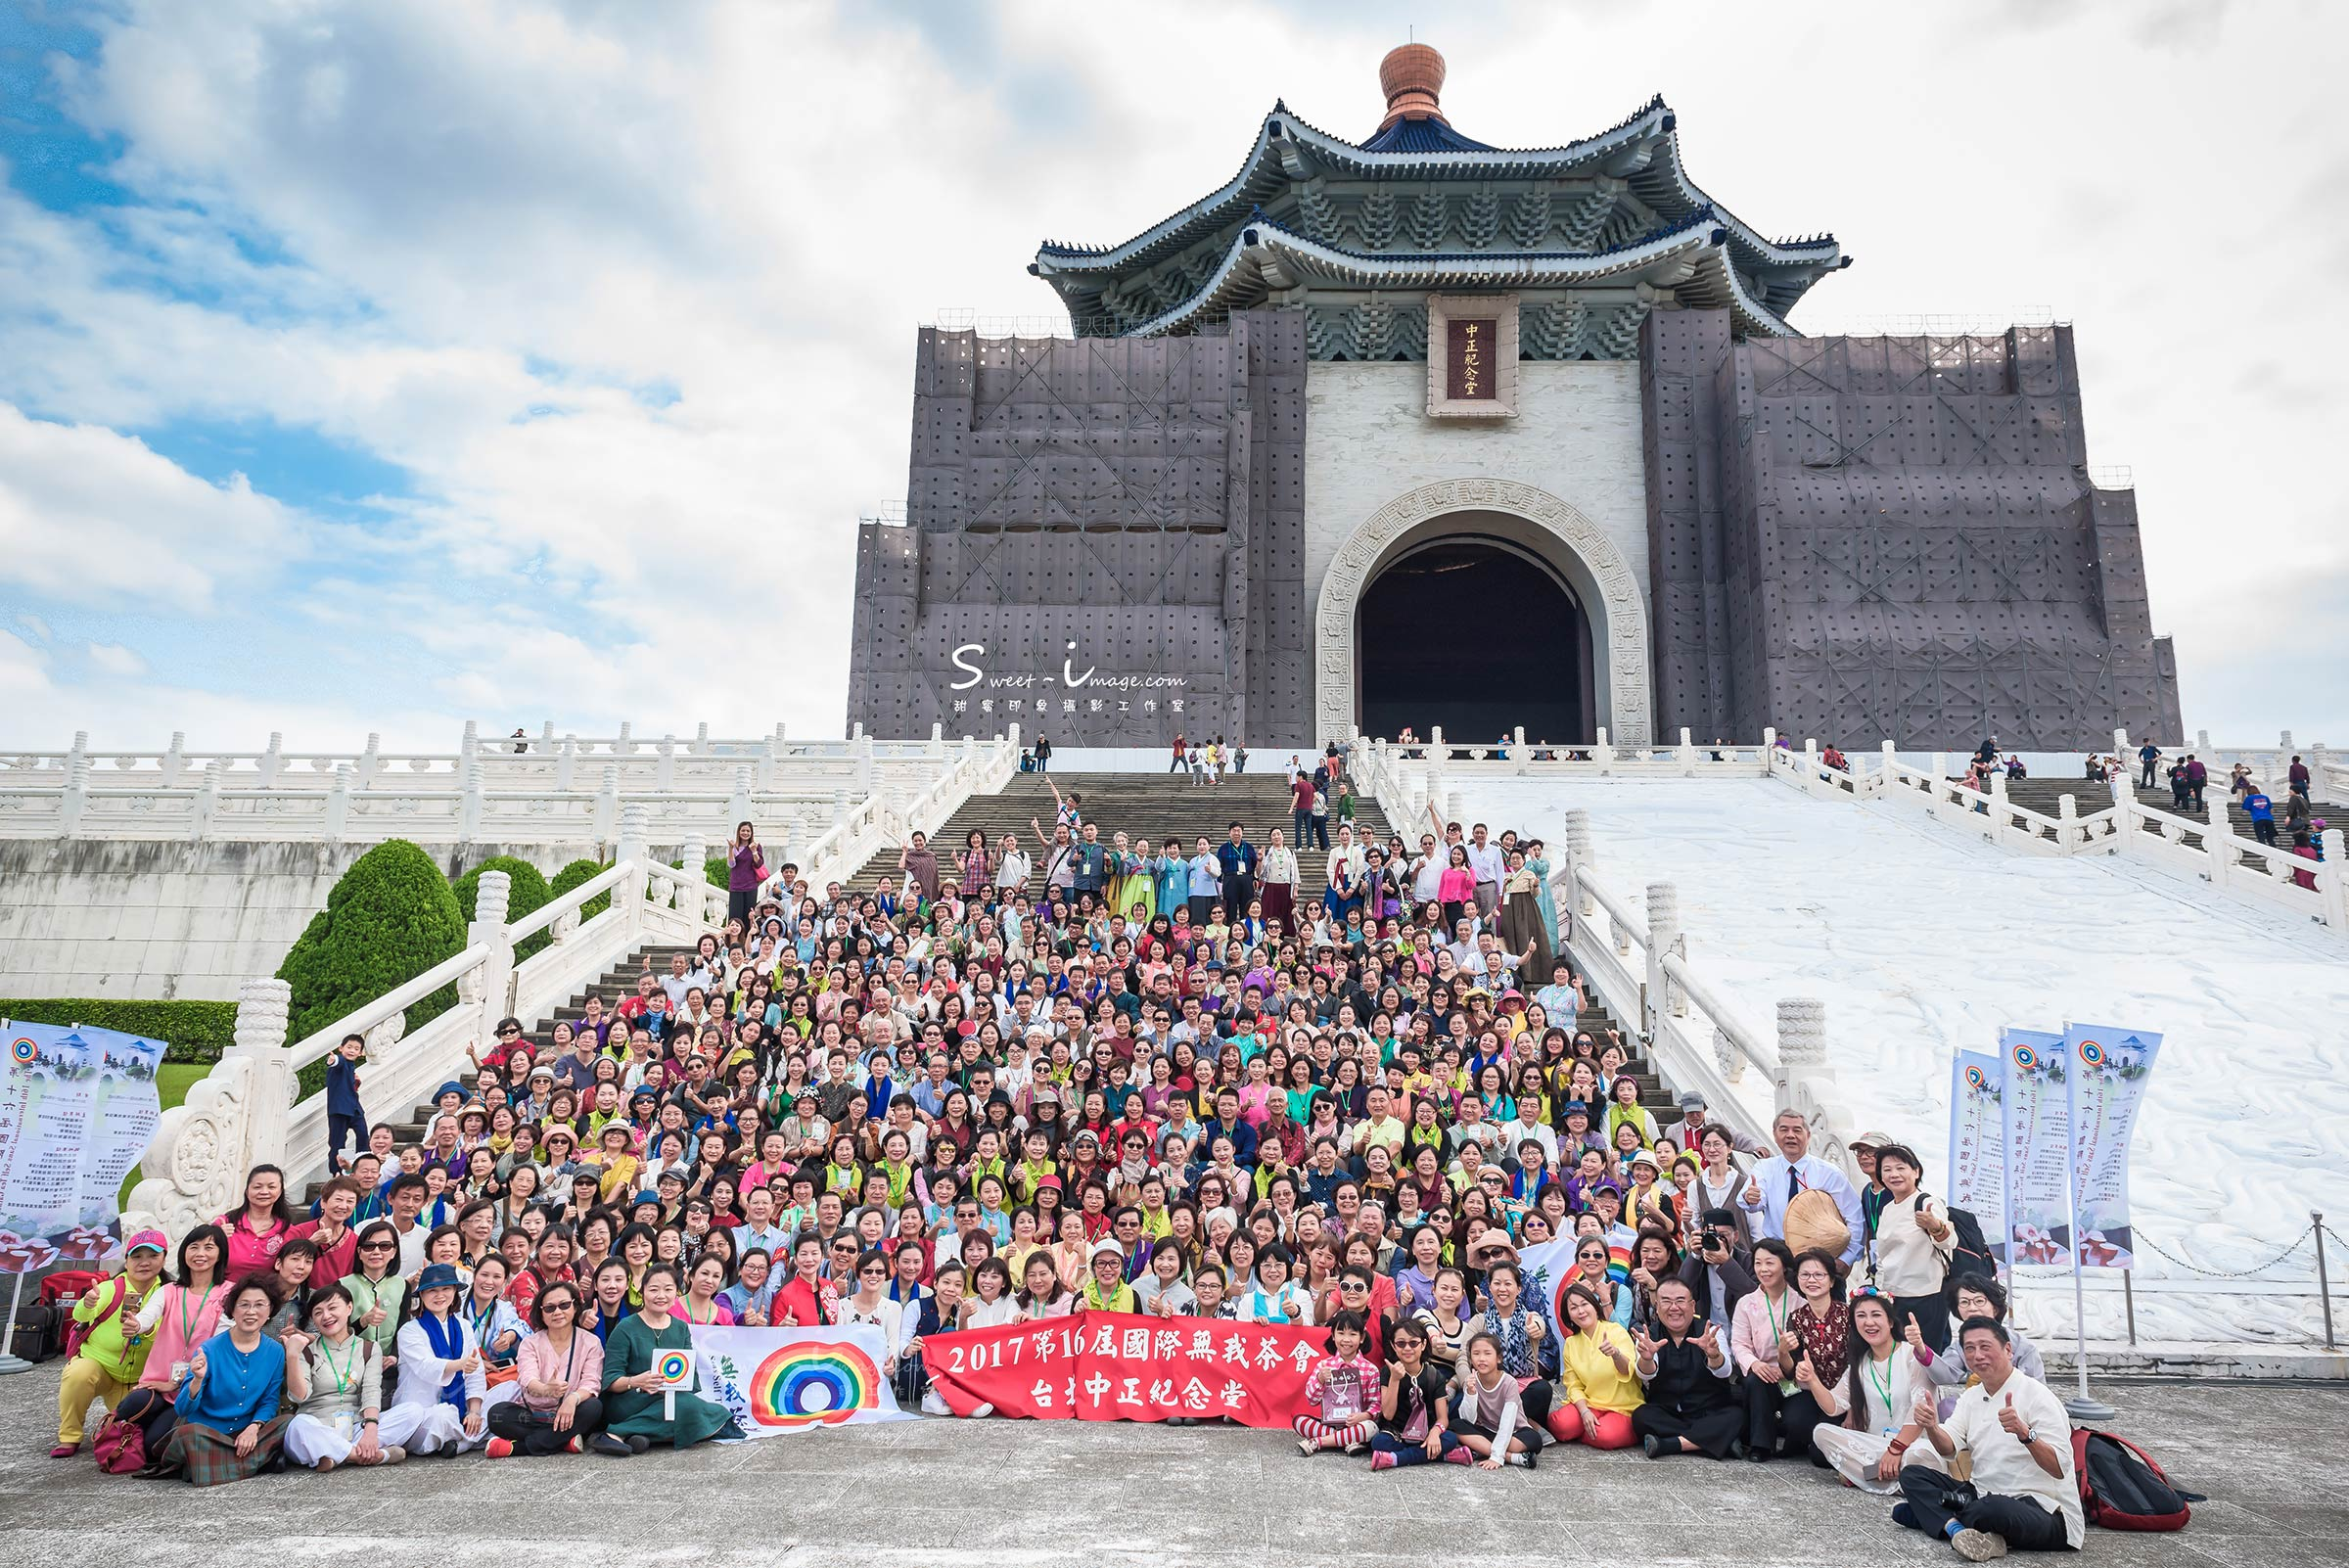 第16屆國際無我茶會 無我茶會攝影師 活動紀錄攝影師 活動紀錄拍攝 中正紀念堂